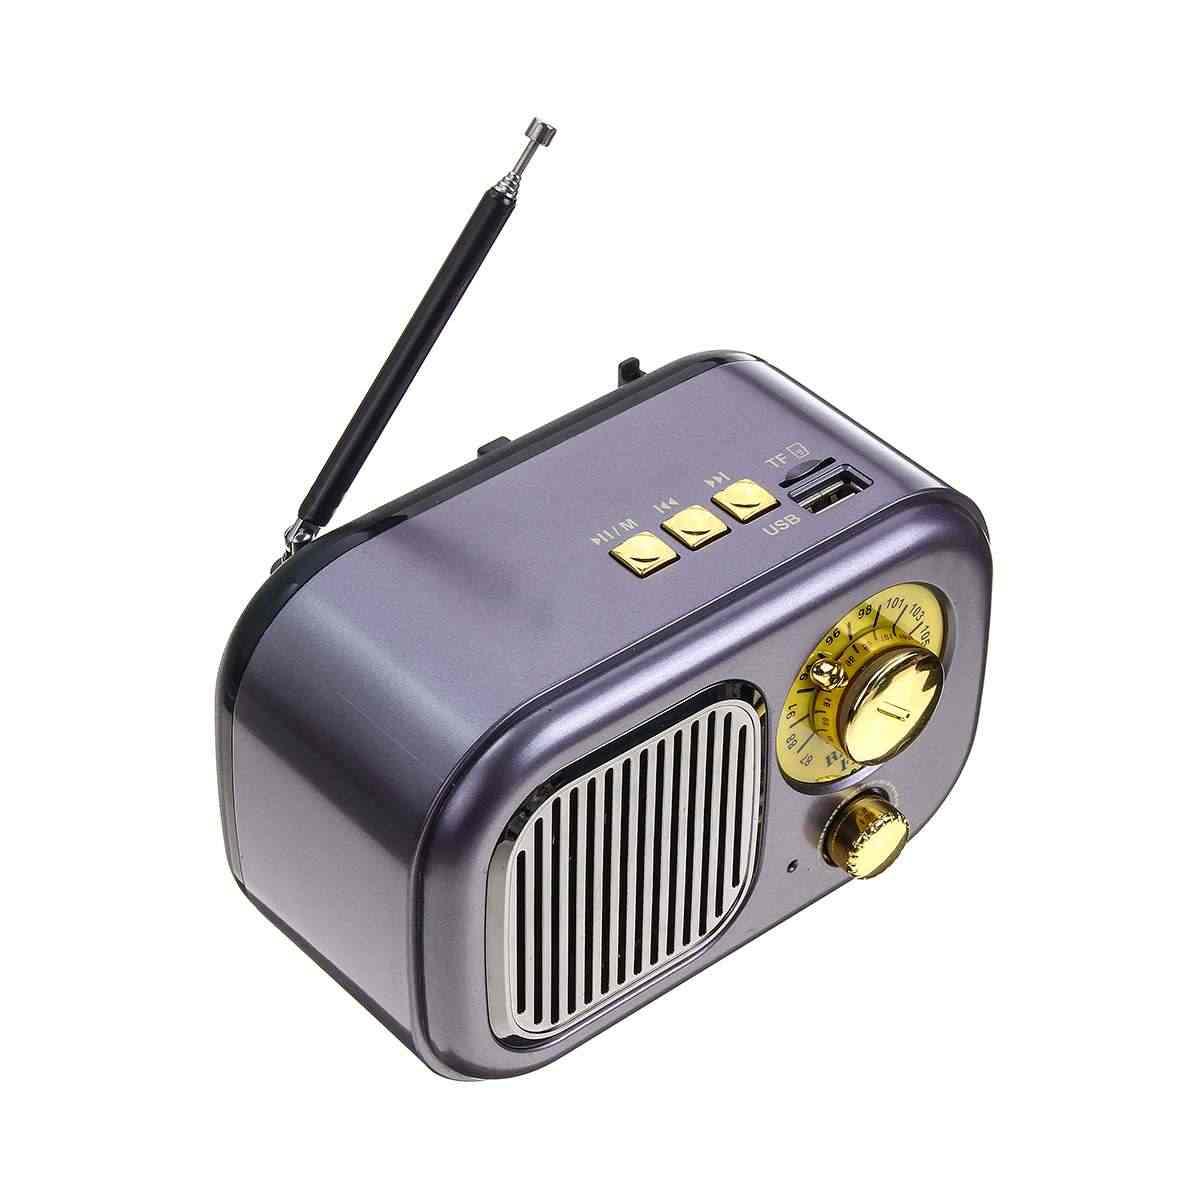 5 ワット USB ミニ bluetooth ポータブルレトロビンテージ FM ラジオサポート AUX TF カードスピーカー音楽プレーヤー内蔵充電式バッテリー